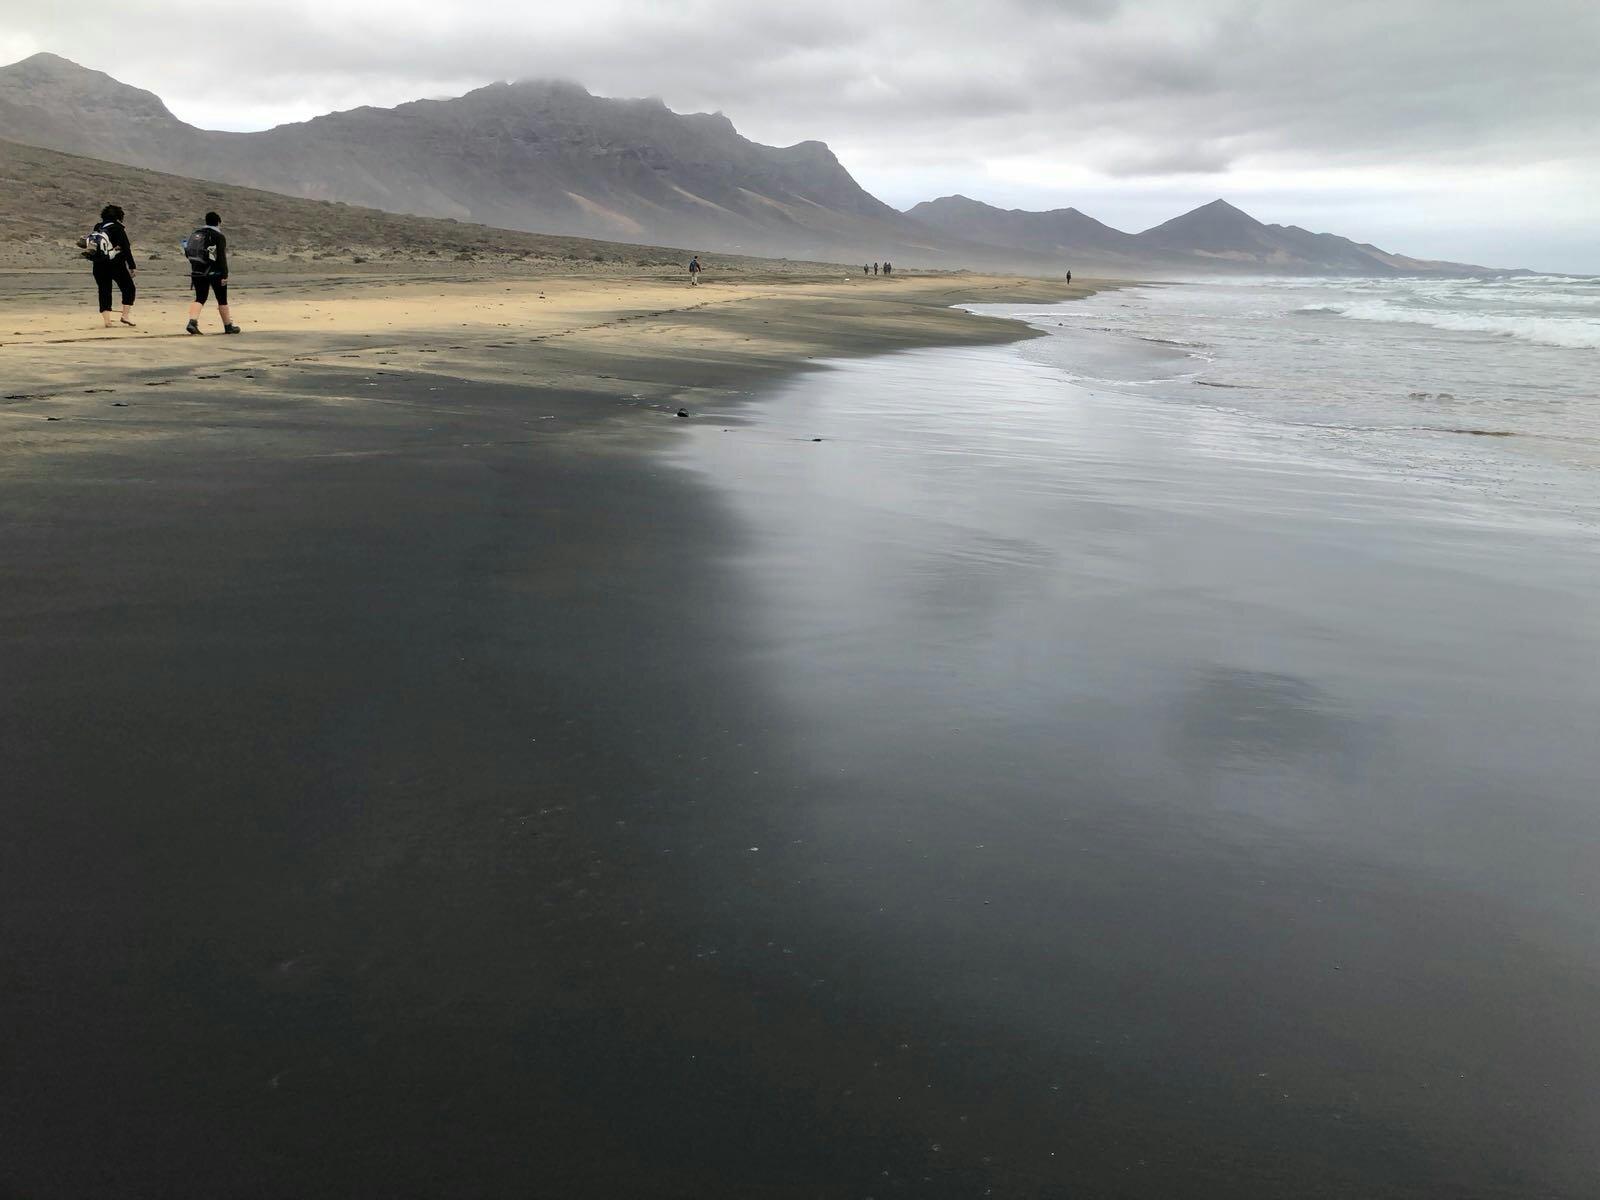 La spiaggia di Cofete